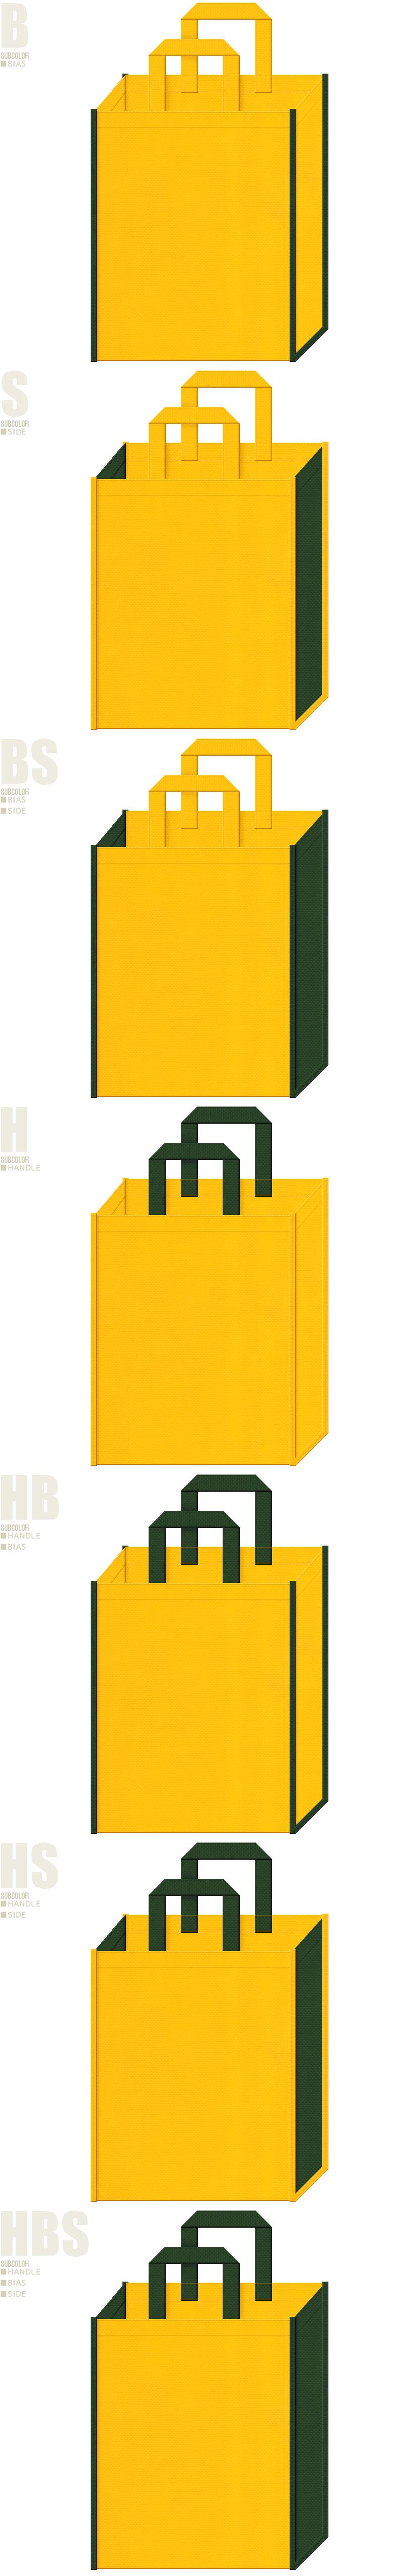 保安・電気工事・安全用品・アウトドア・キャンプ用品・の展示会用バッグにお奨めの不織布バッグデザイン:黄色と濃緑色の配色7パターン。